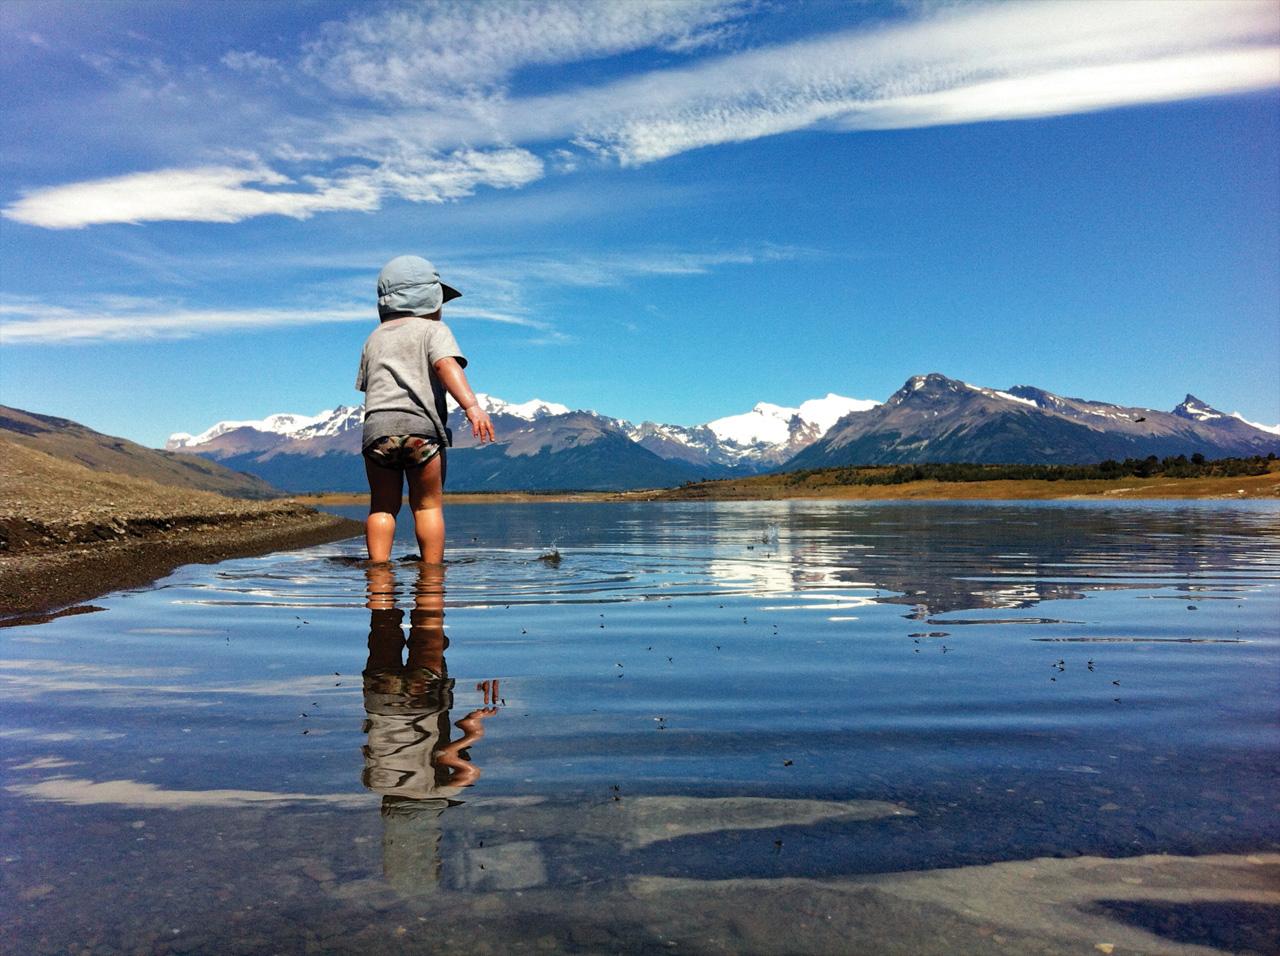 Procurando peixes no Lago Roca, Parque Nacional Los Glaciares, Argentina